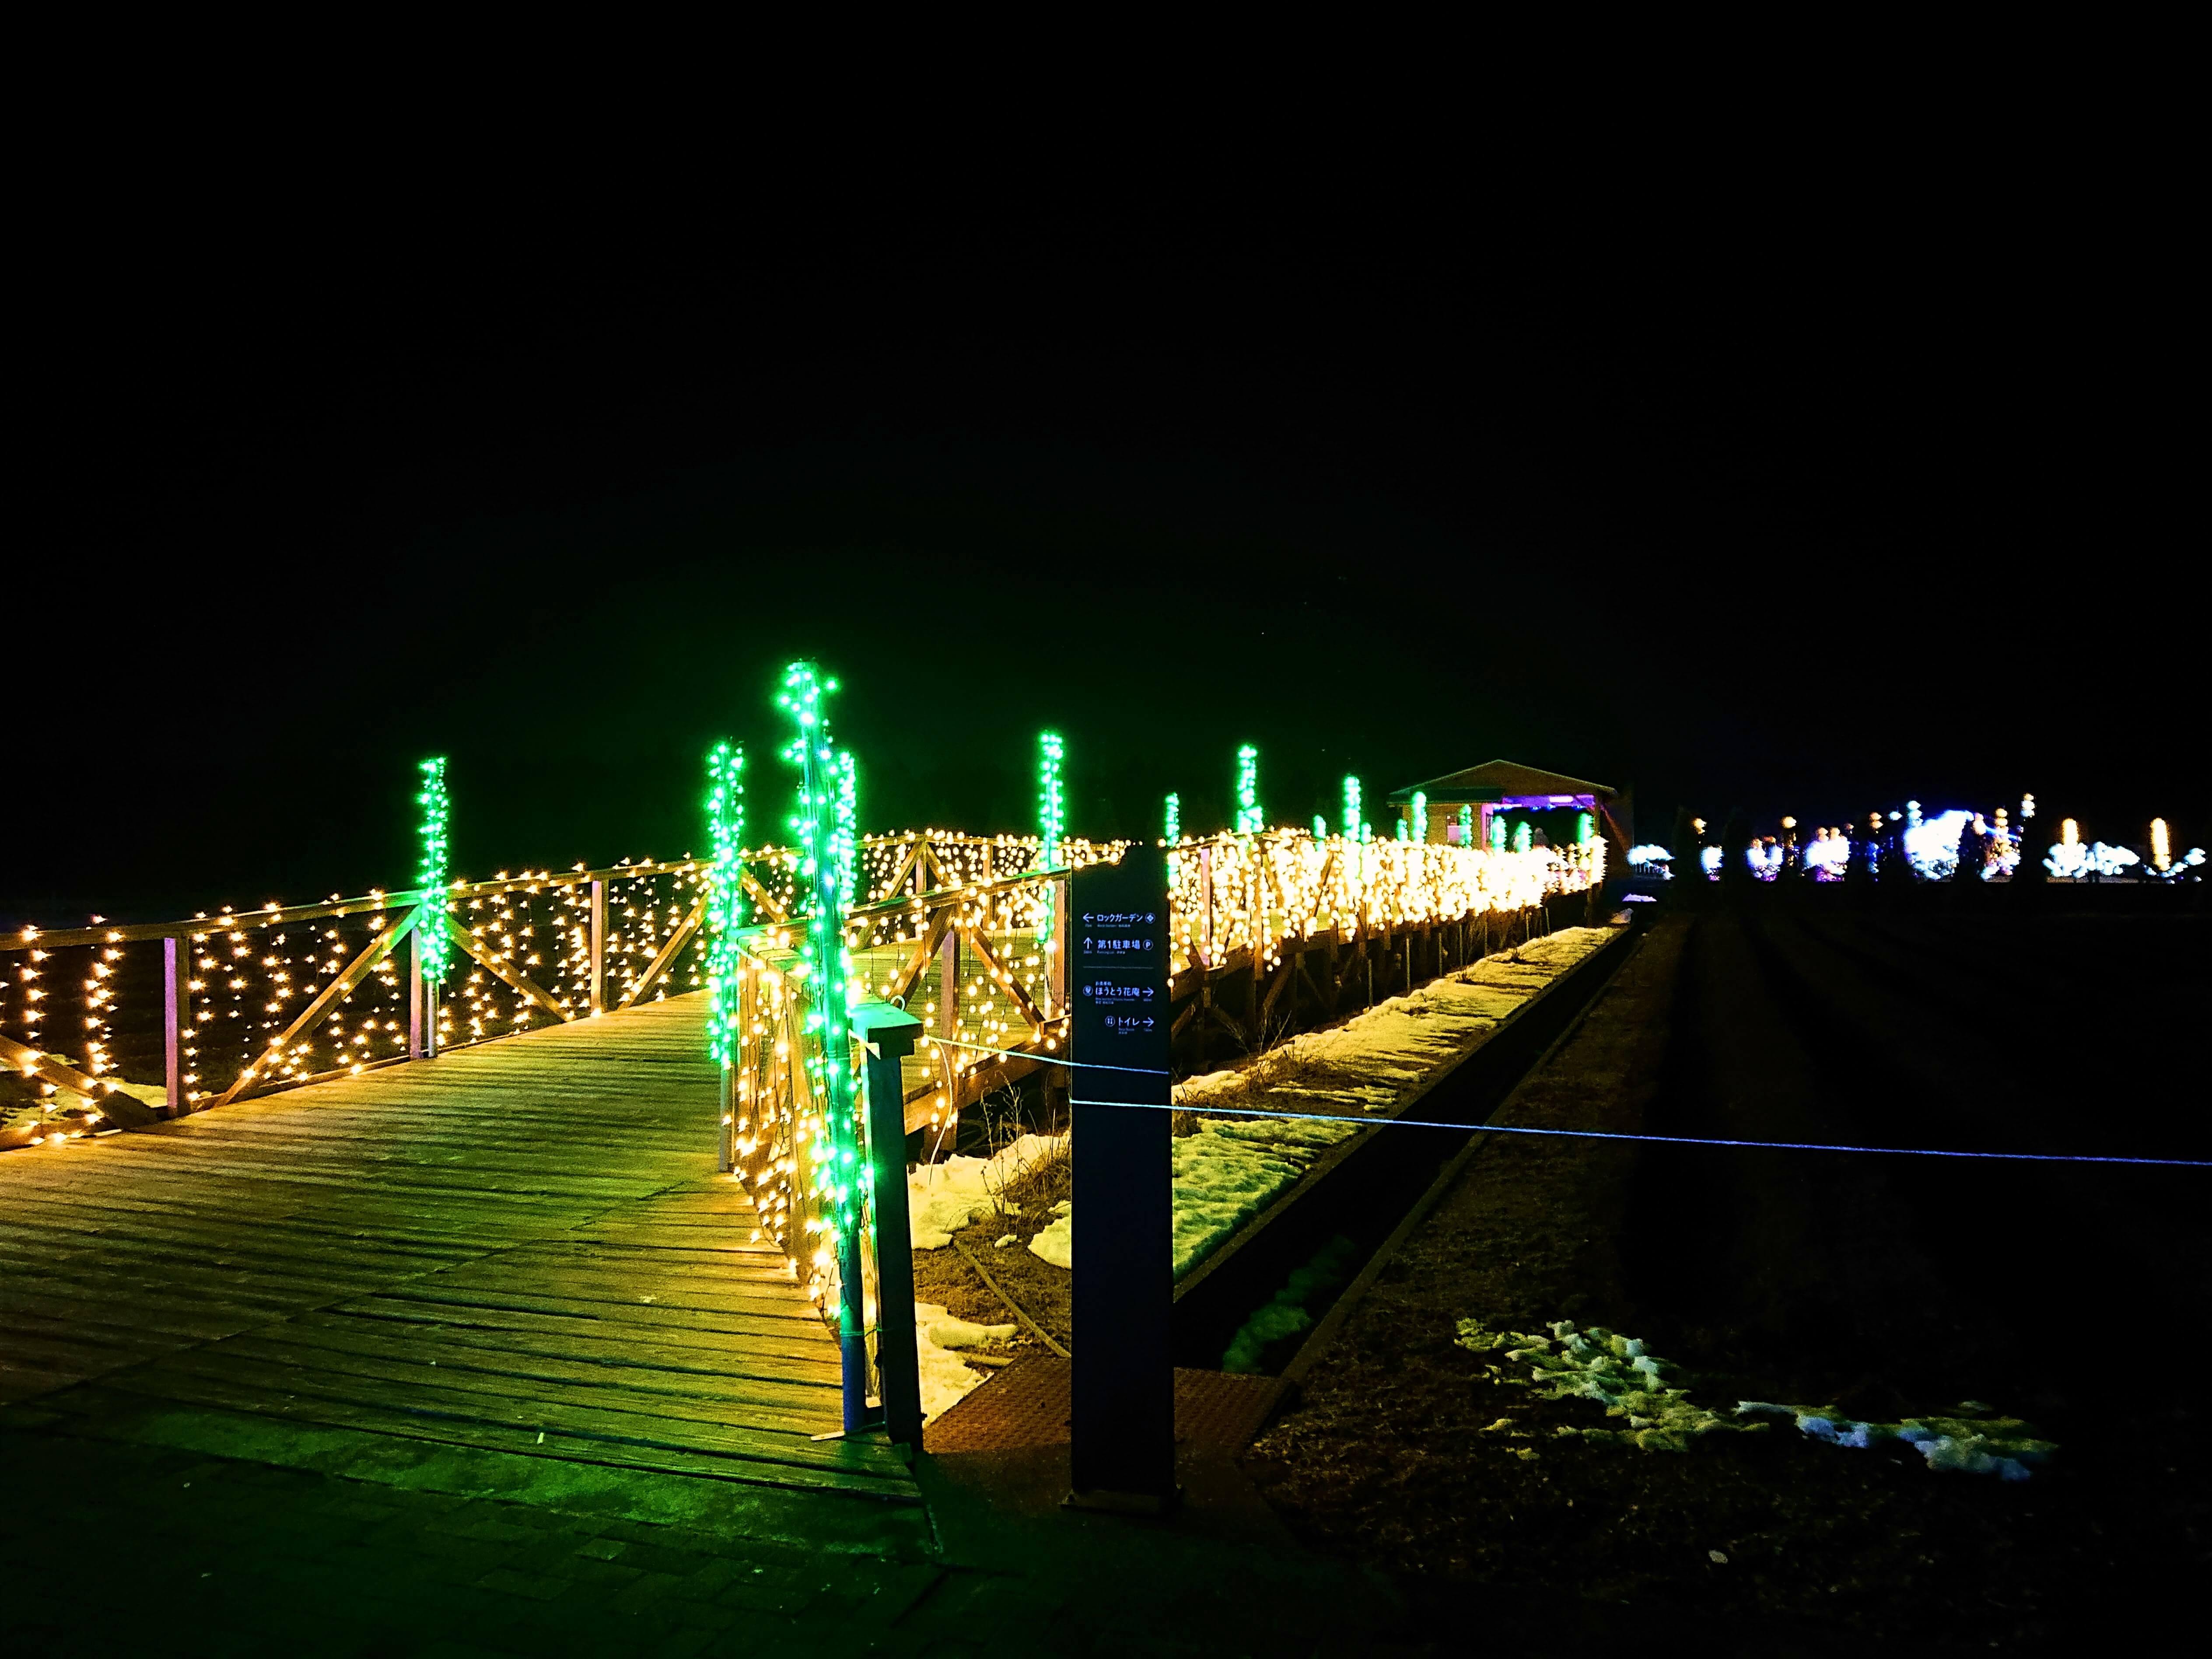 花の都公園入り口の橋に飾られたイルミネーション